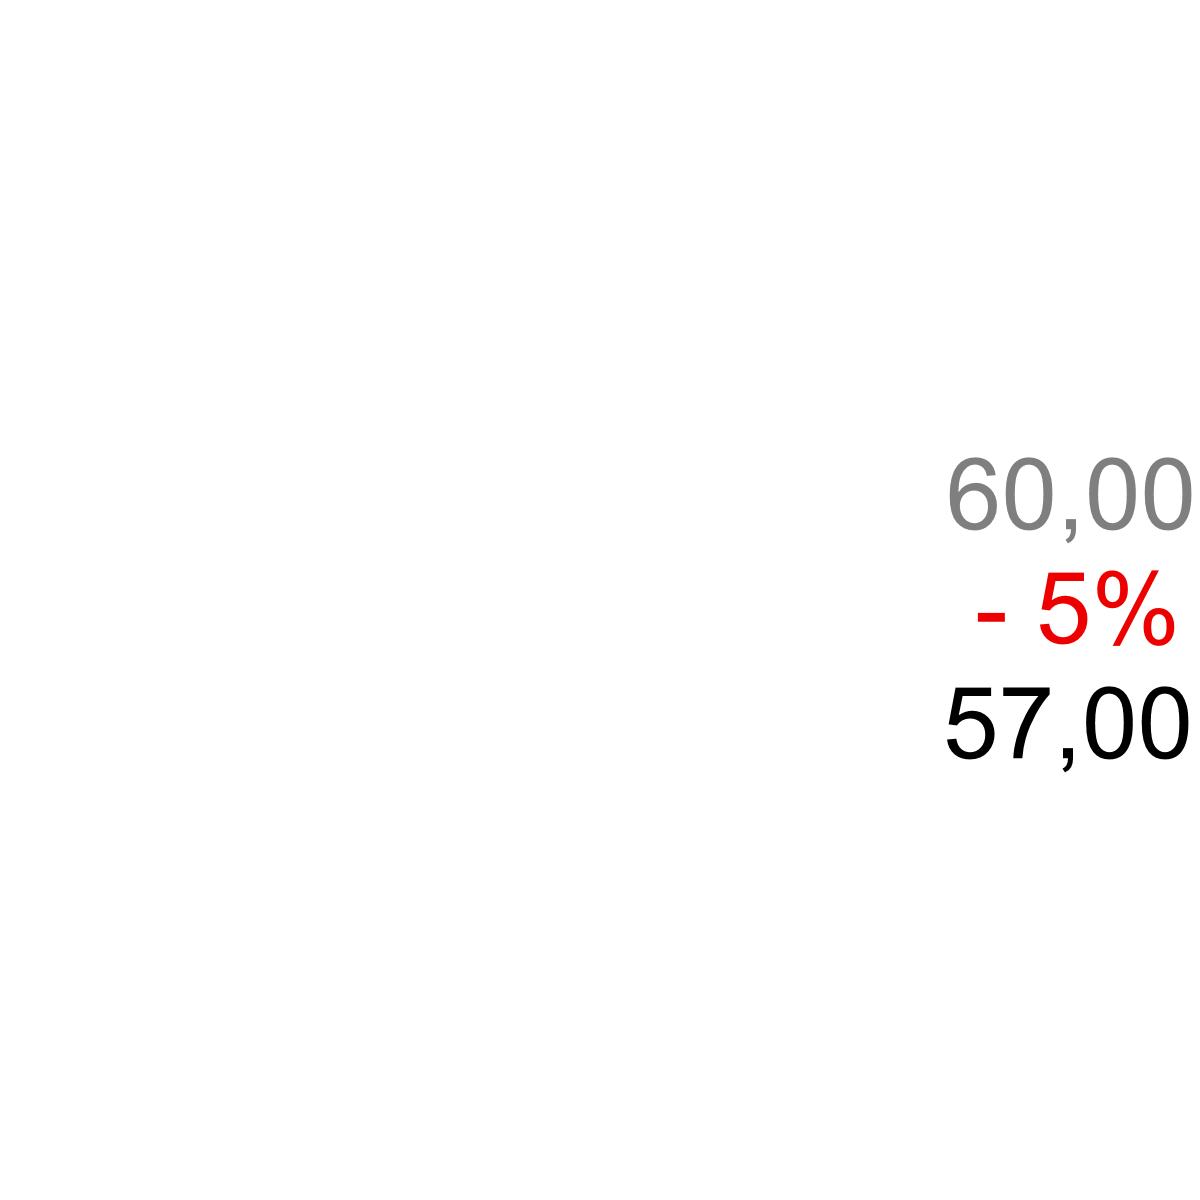 60.00 - 100 - VFR.png